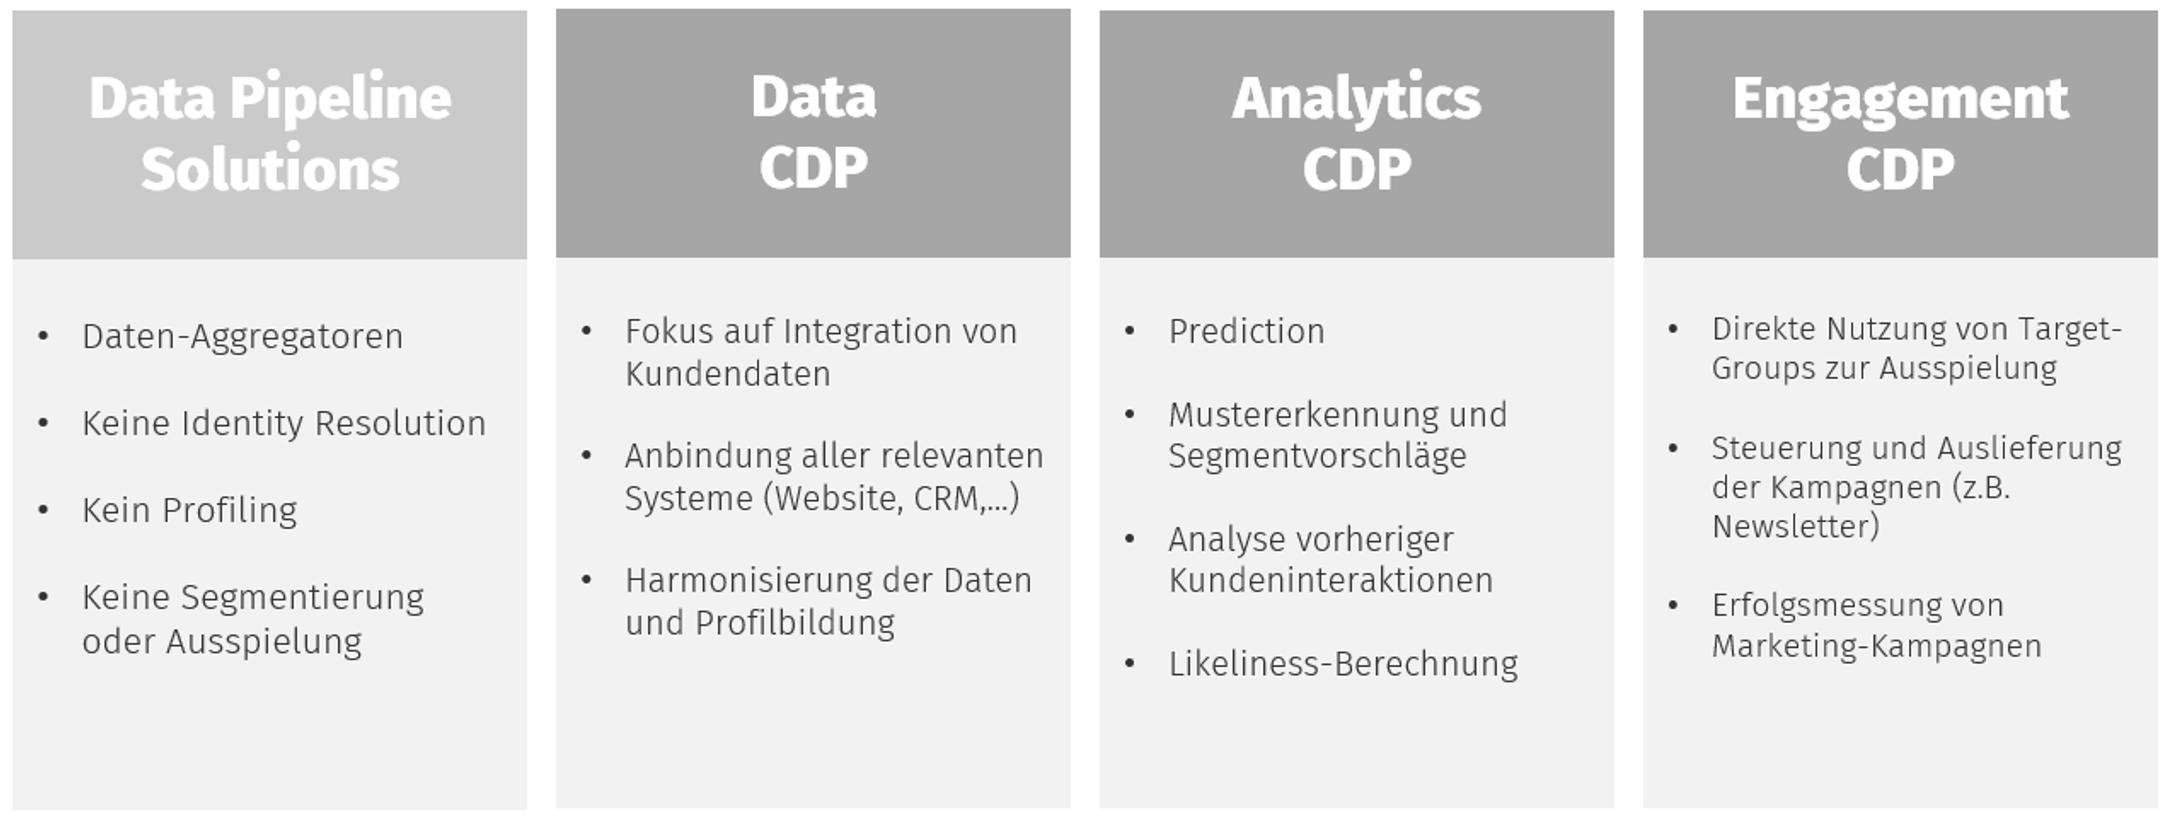 Anforderungen und Anwendungsfälle einer CDP